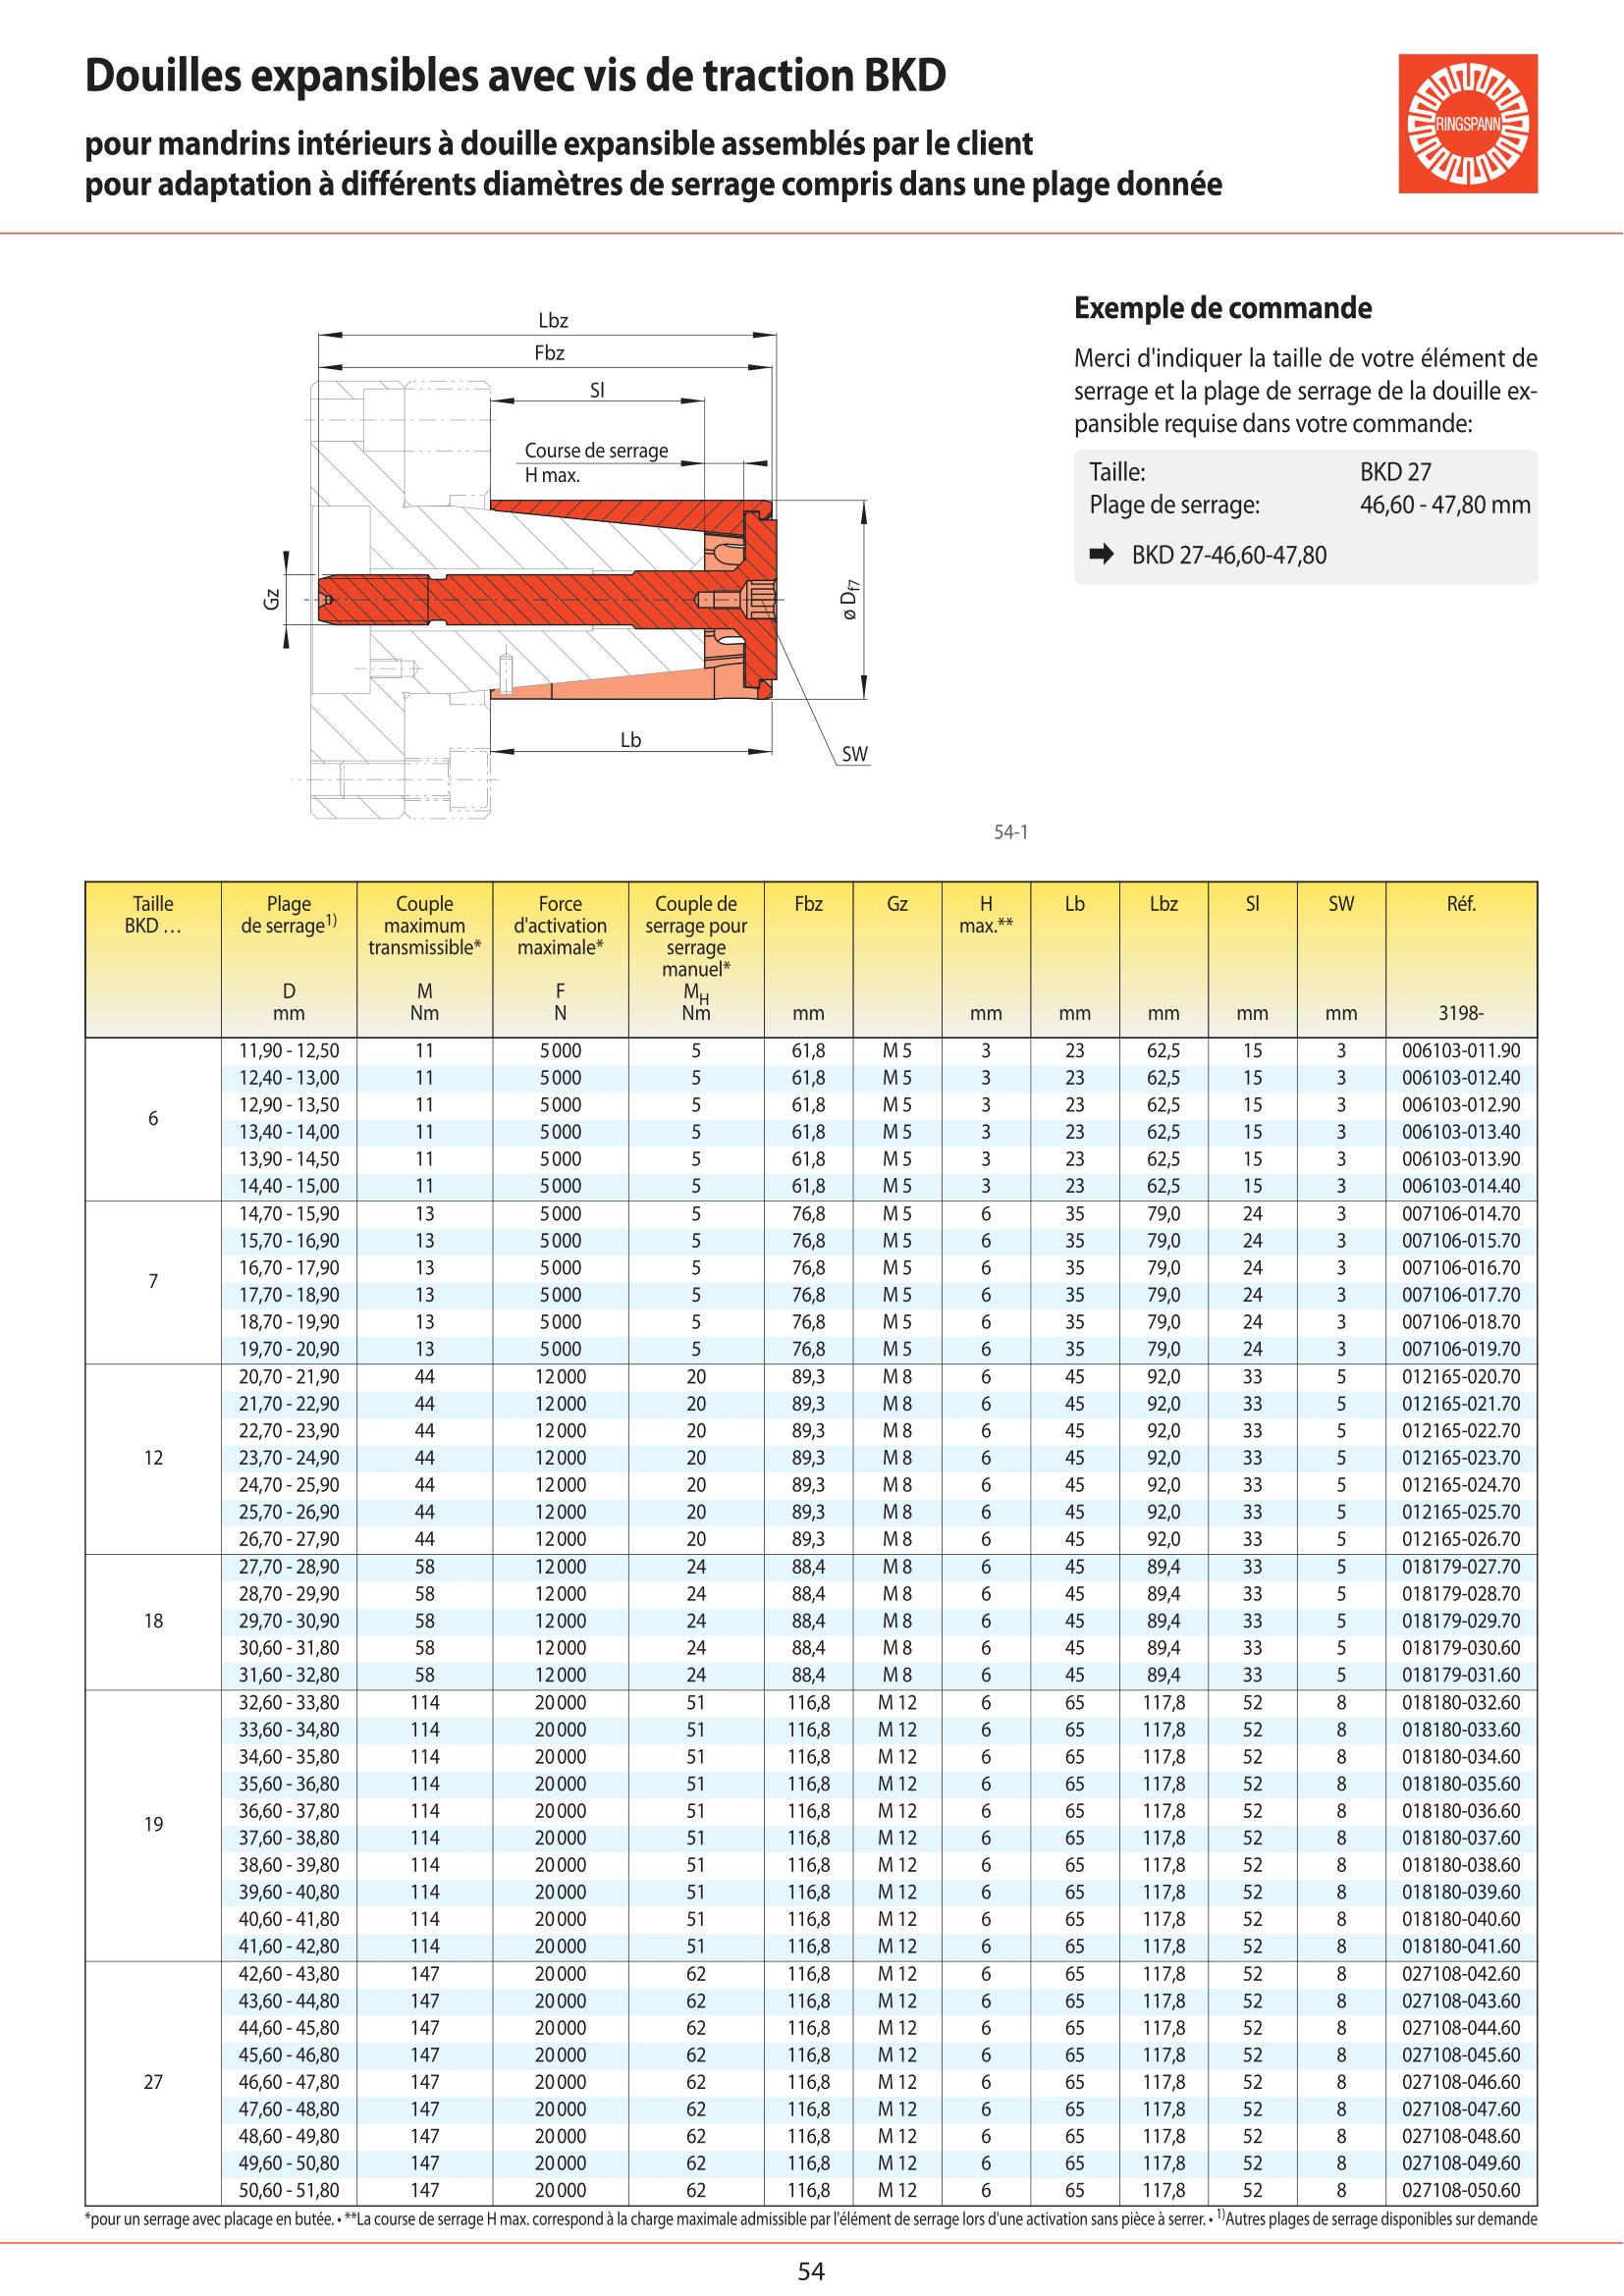 Fiche technique - BKDF 44 page 3